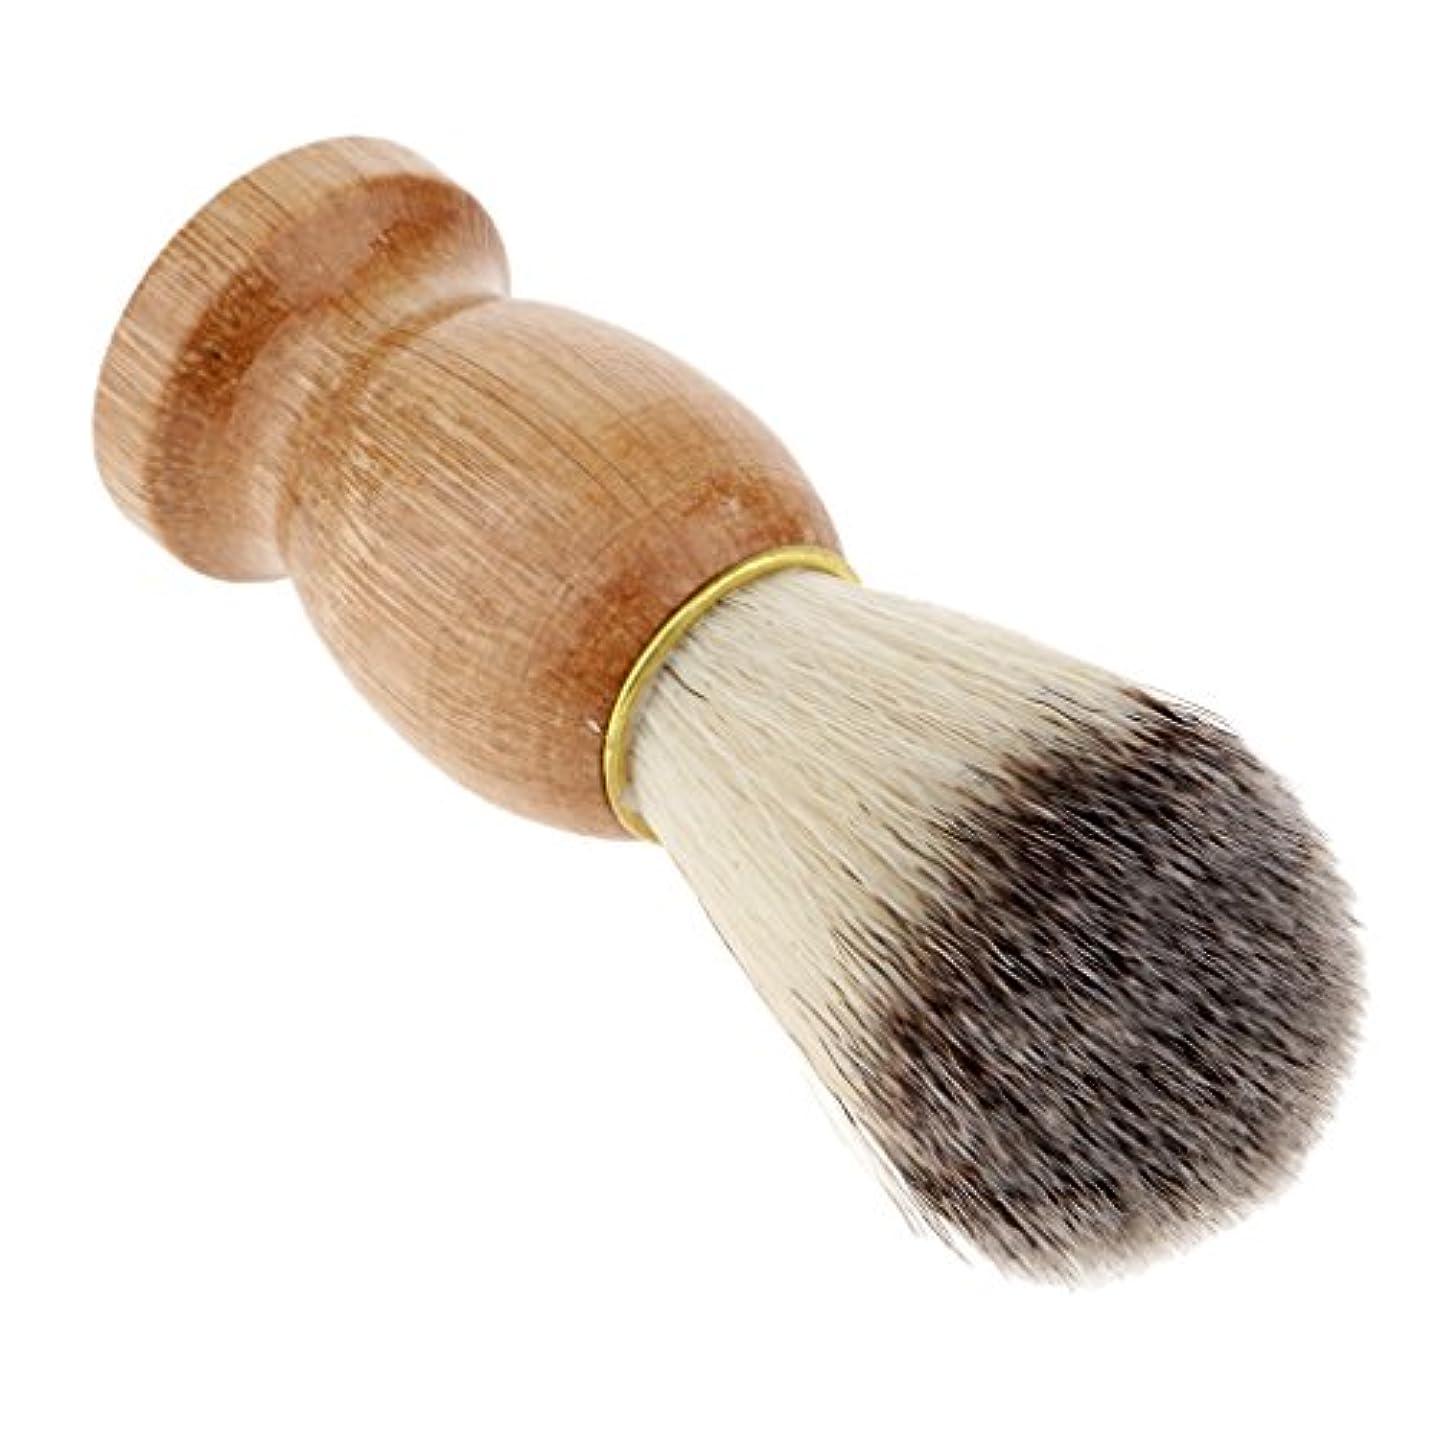 性差別検索エンジンマーケティングむき出しPerfk シェービングブラシ シェービング コスメブラシ 木製ハンドル メンズ ひげ剃りブラシ クレンジング 超吸収性 快適 柔らかい